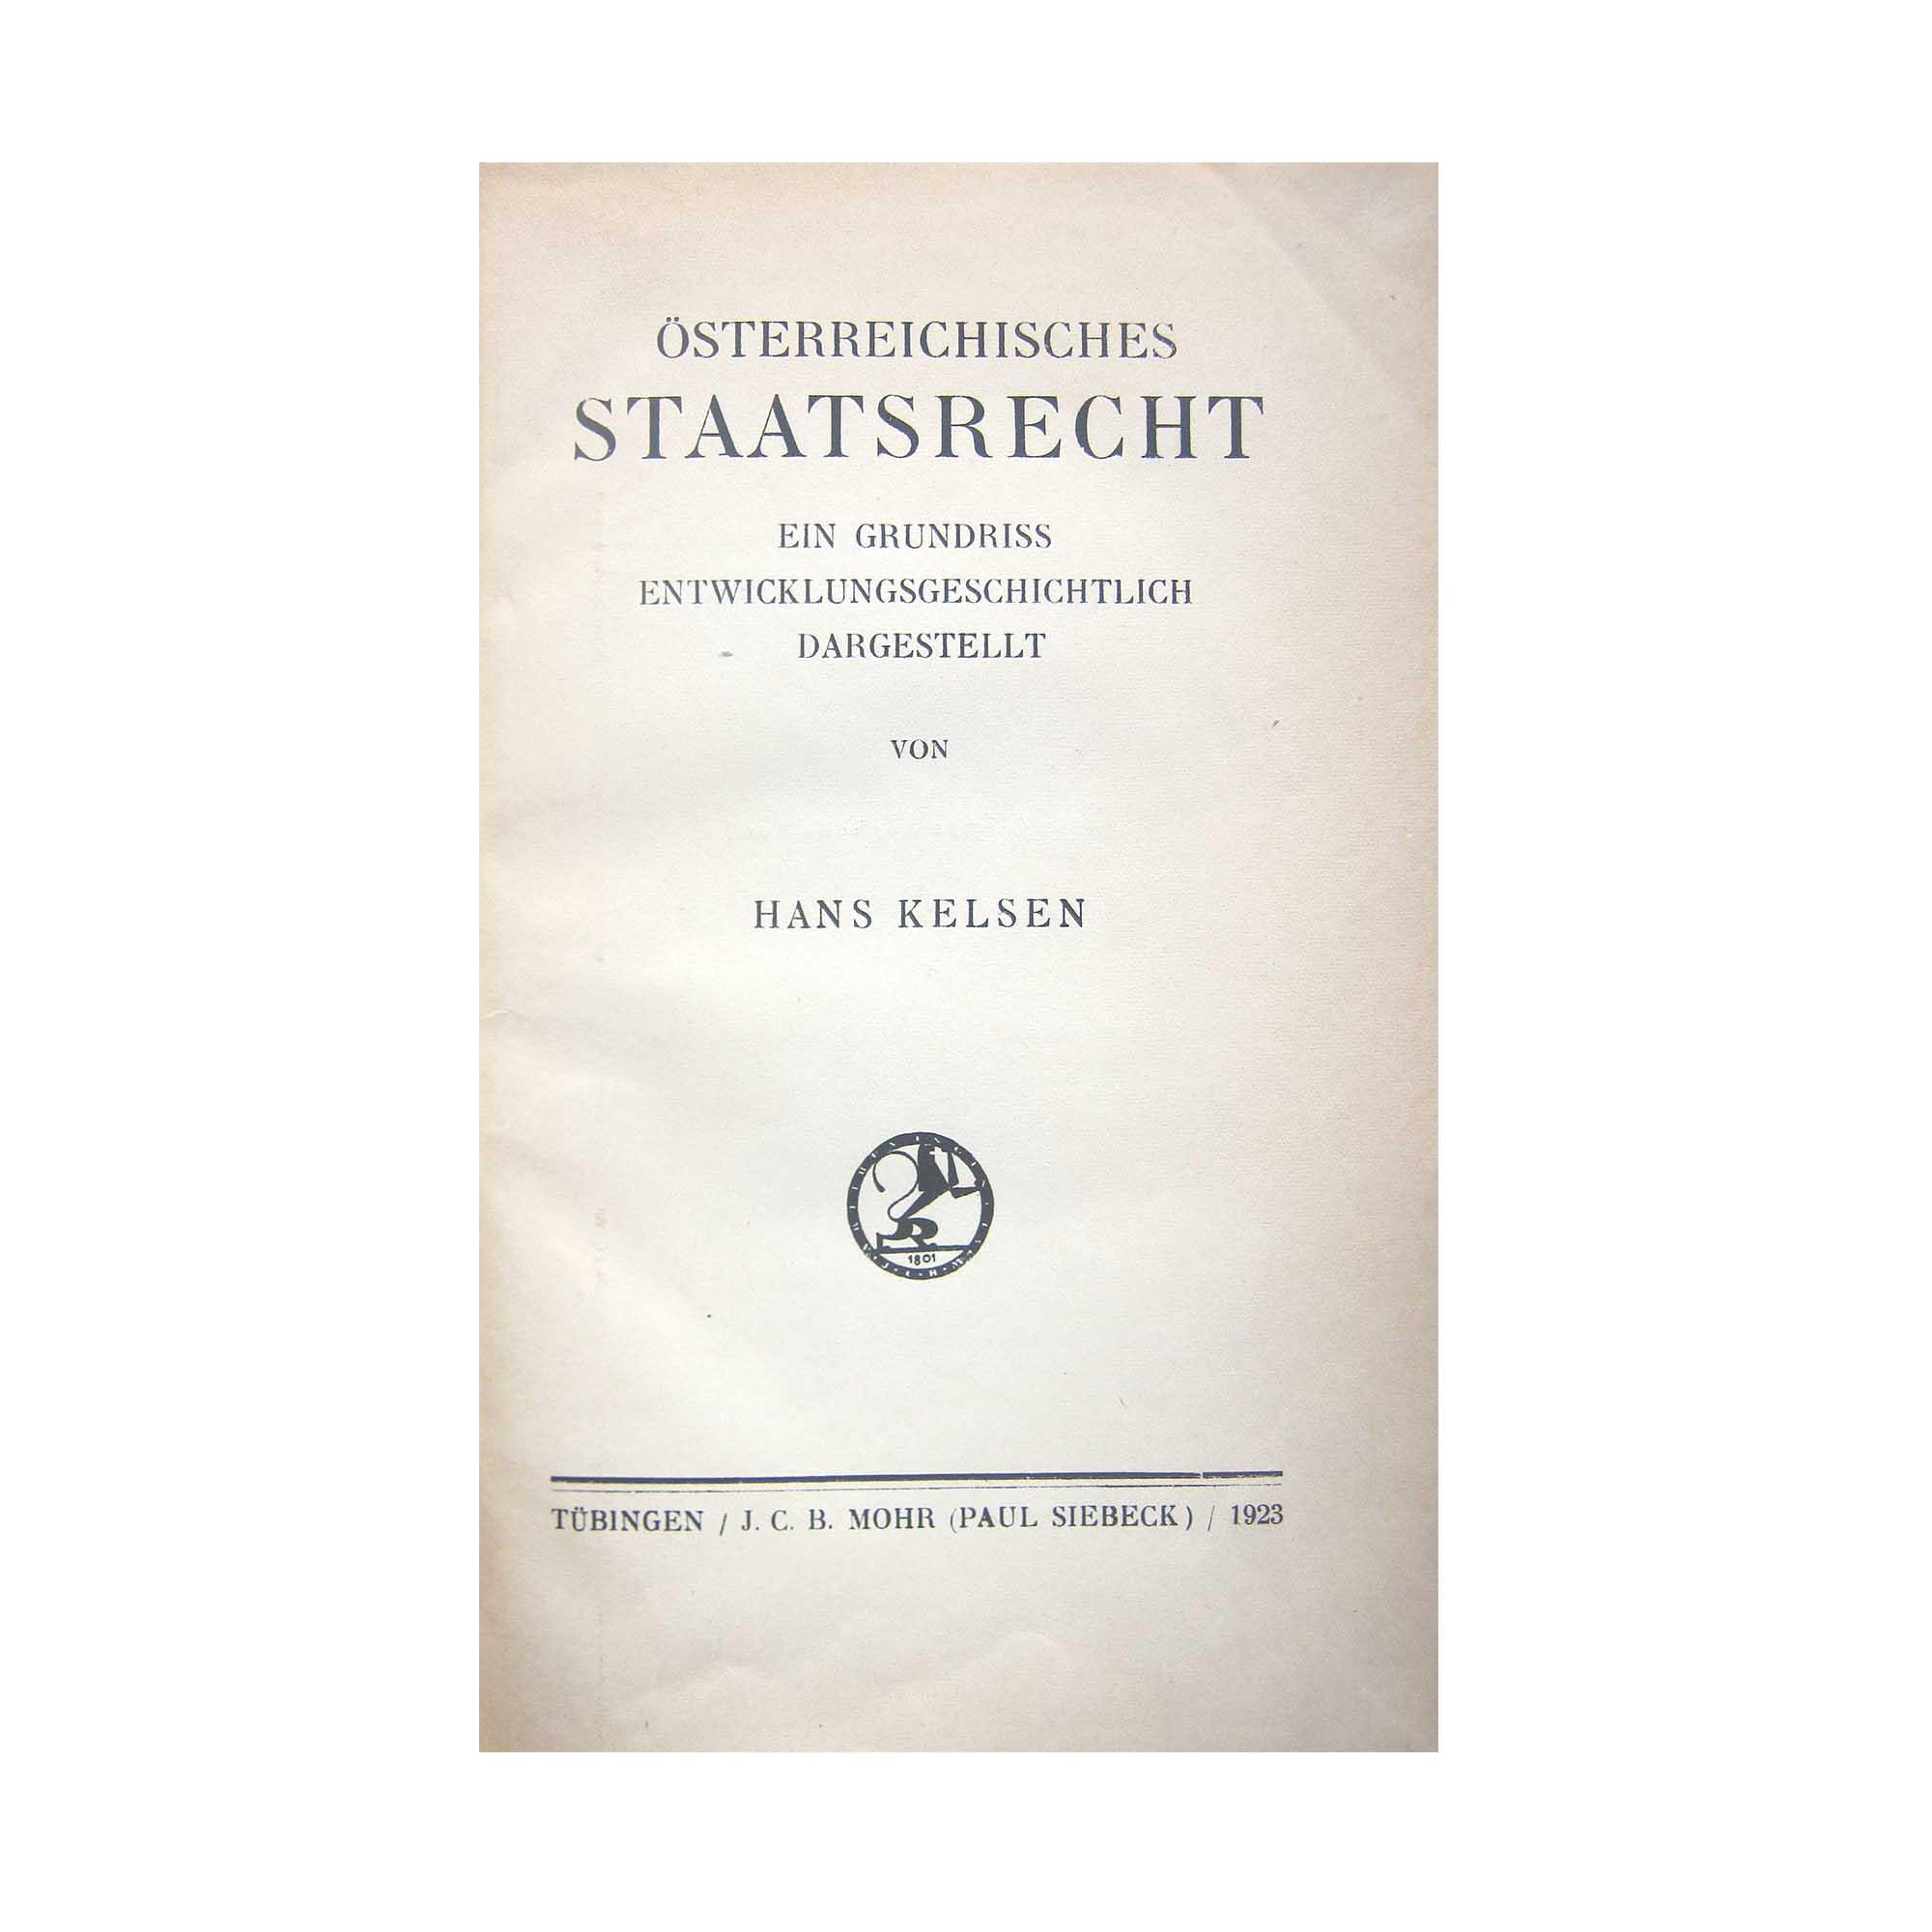 5475-Kelsen-Oesterreichisches-Staatsrecht-1923-Titel-N.jpg